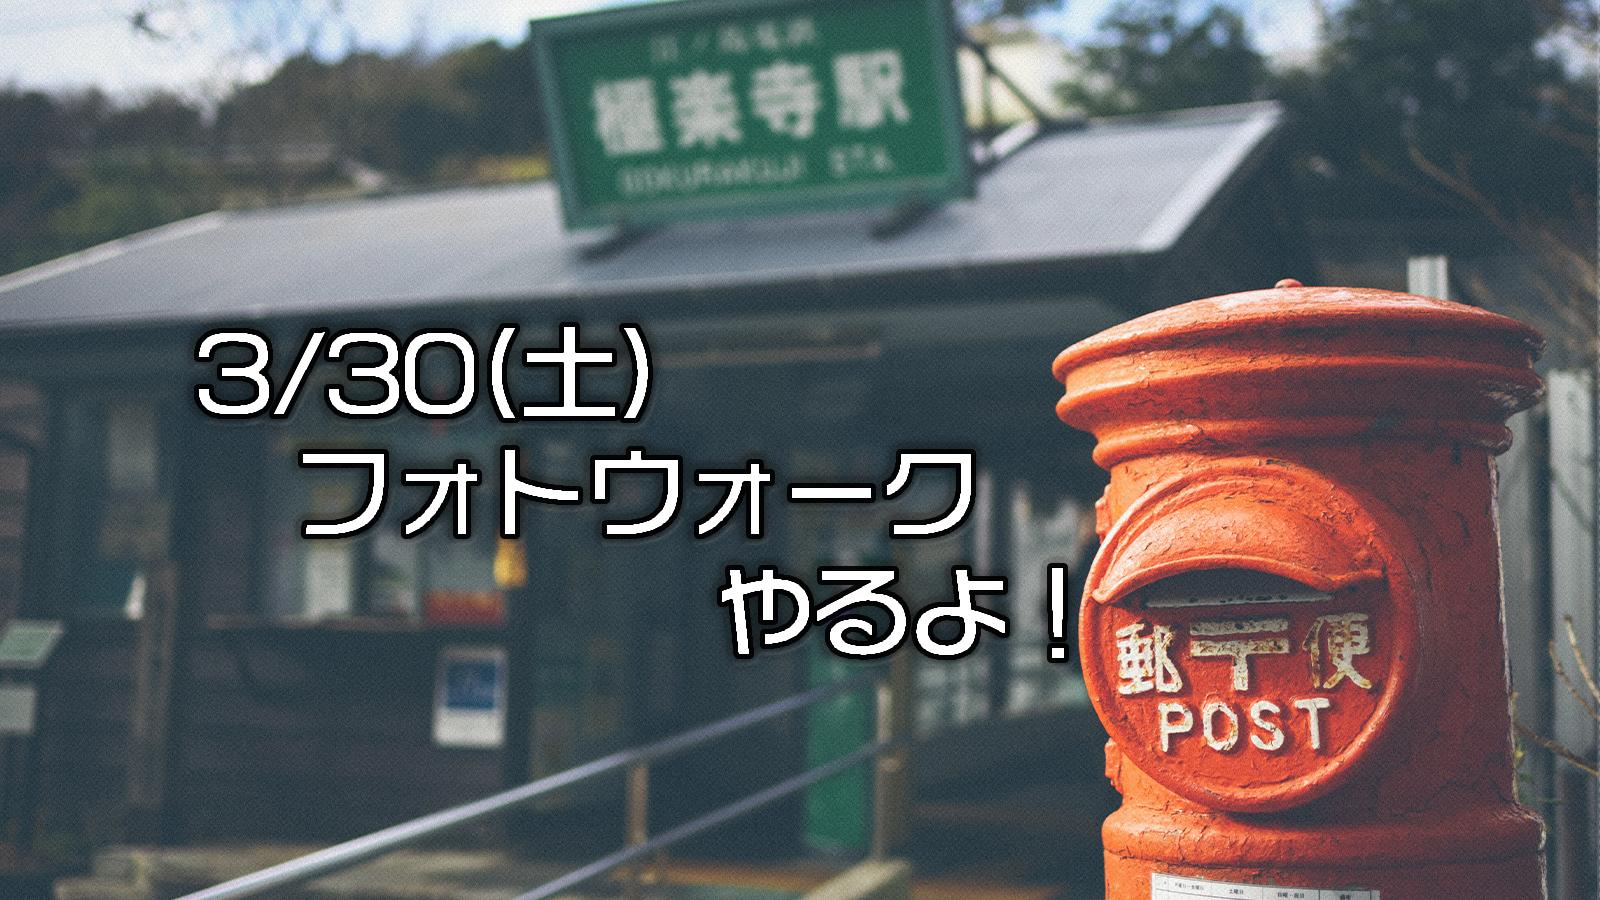 【3/30(土)】行く先は誰も知らない。#郵便番号フォトウォーク をやります!